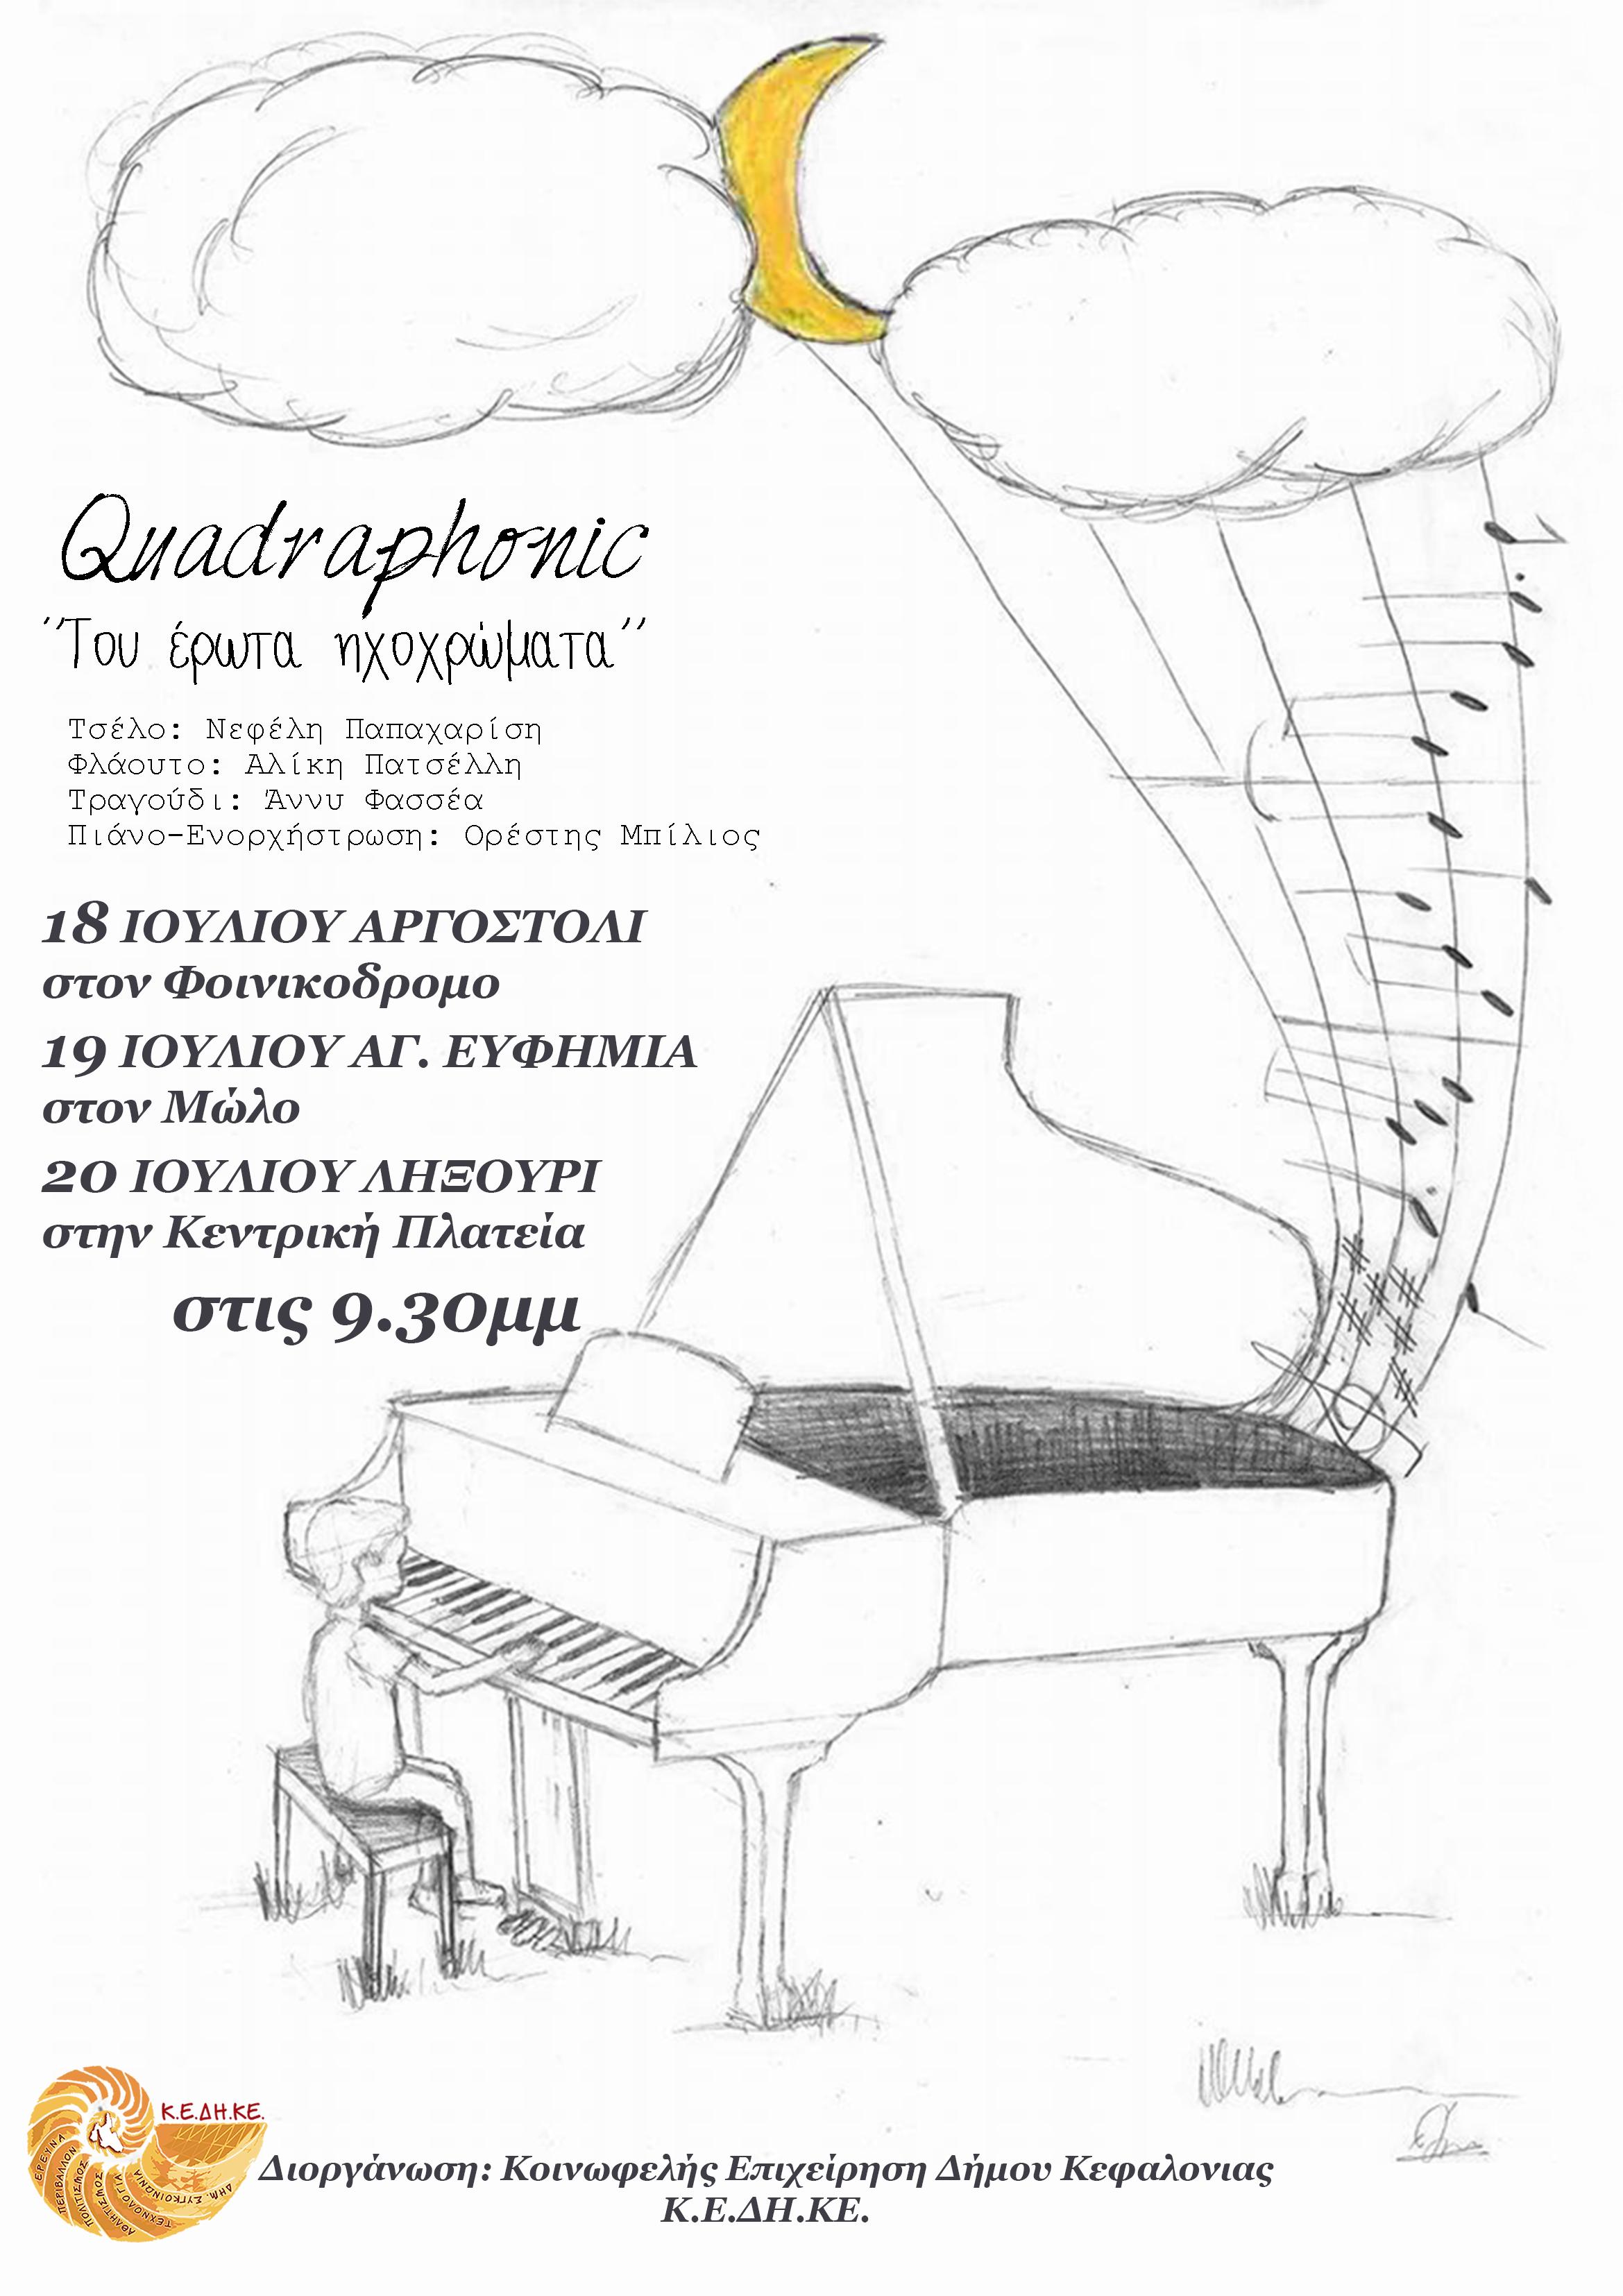 Afisa-Quadraphonic